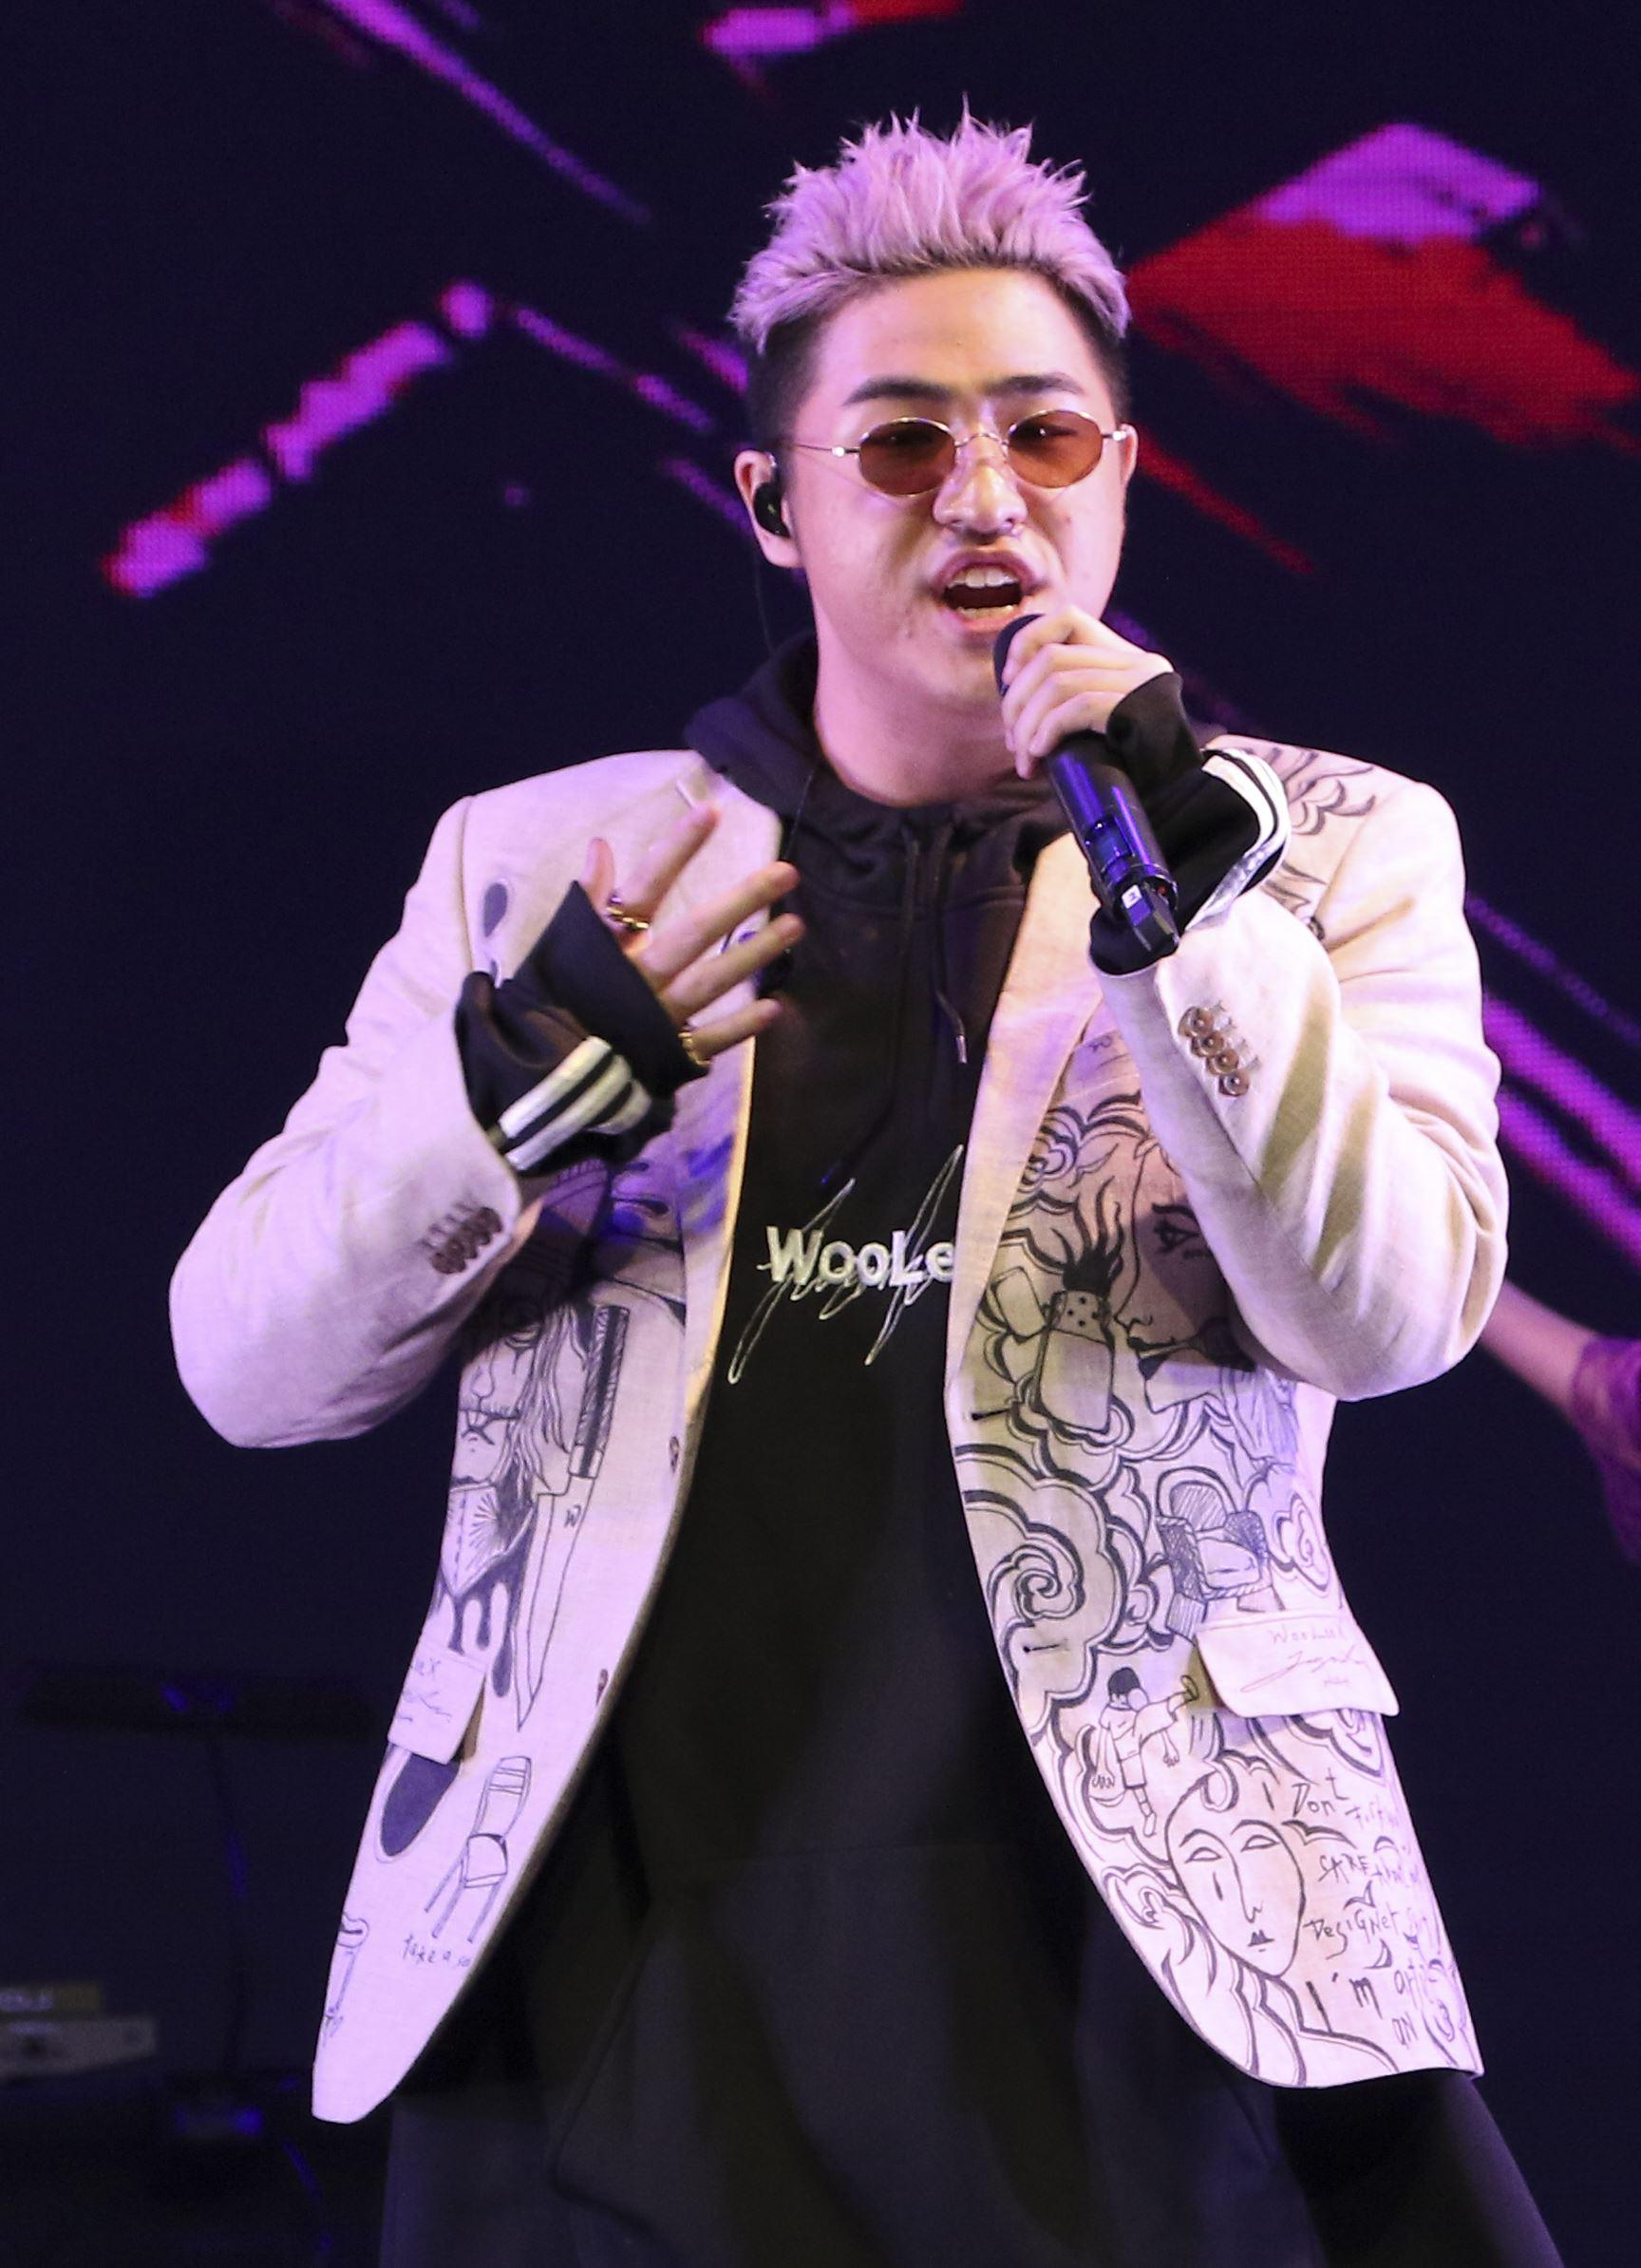 鹿希派&斯亞「Famous PIE」演唱會,鹿希派嘻哈饒舌嗨翻全場。(記者林士傑/攝影)